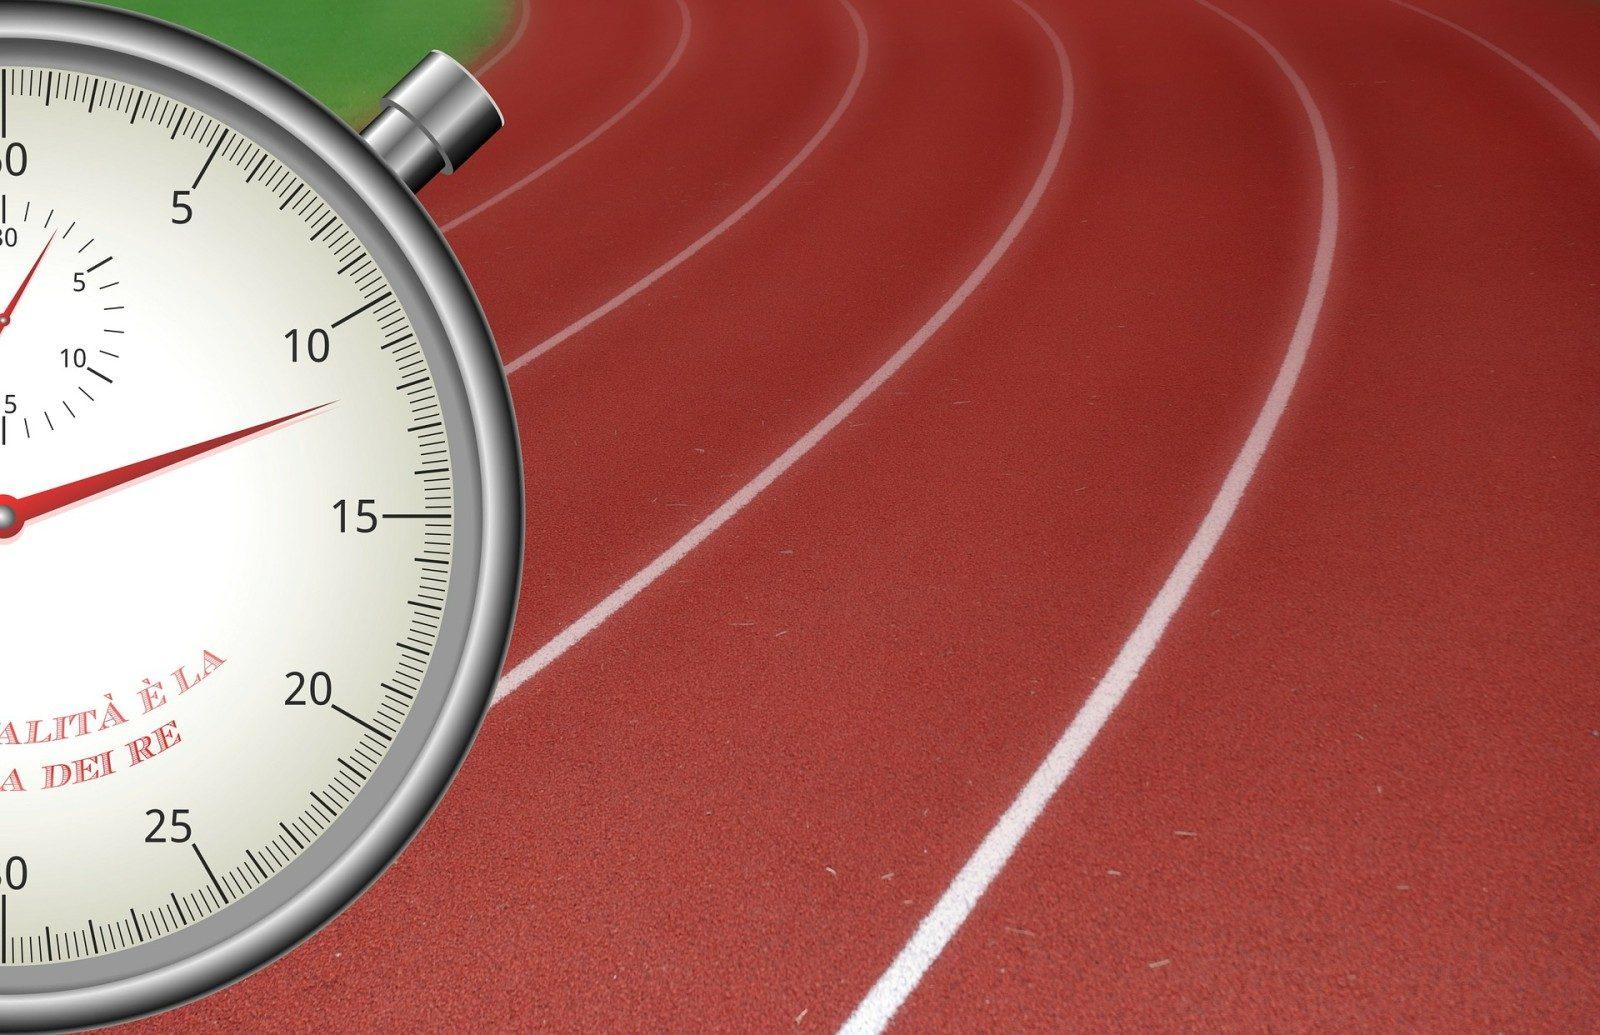 Athlélor 2015 : record du monde pour Lagat à Metz